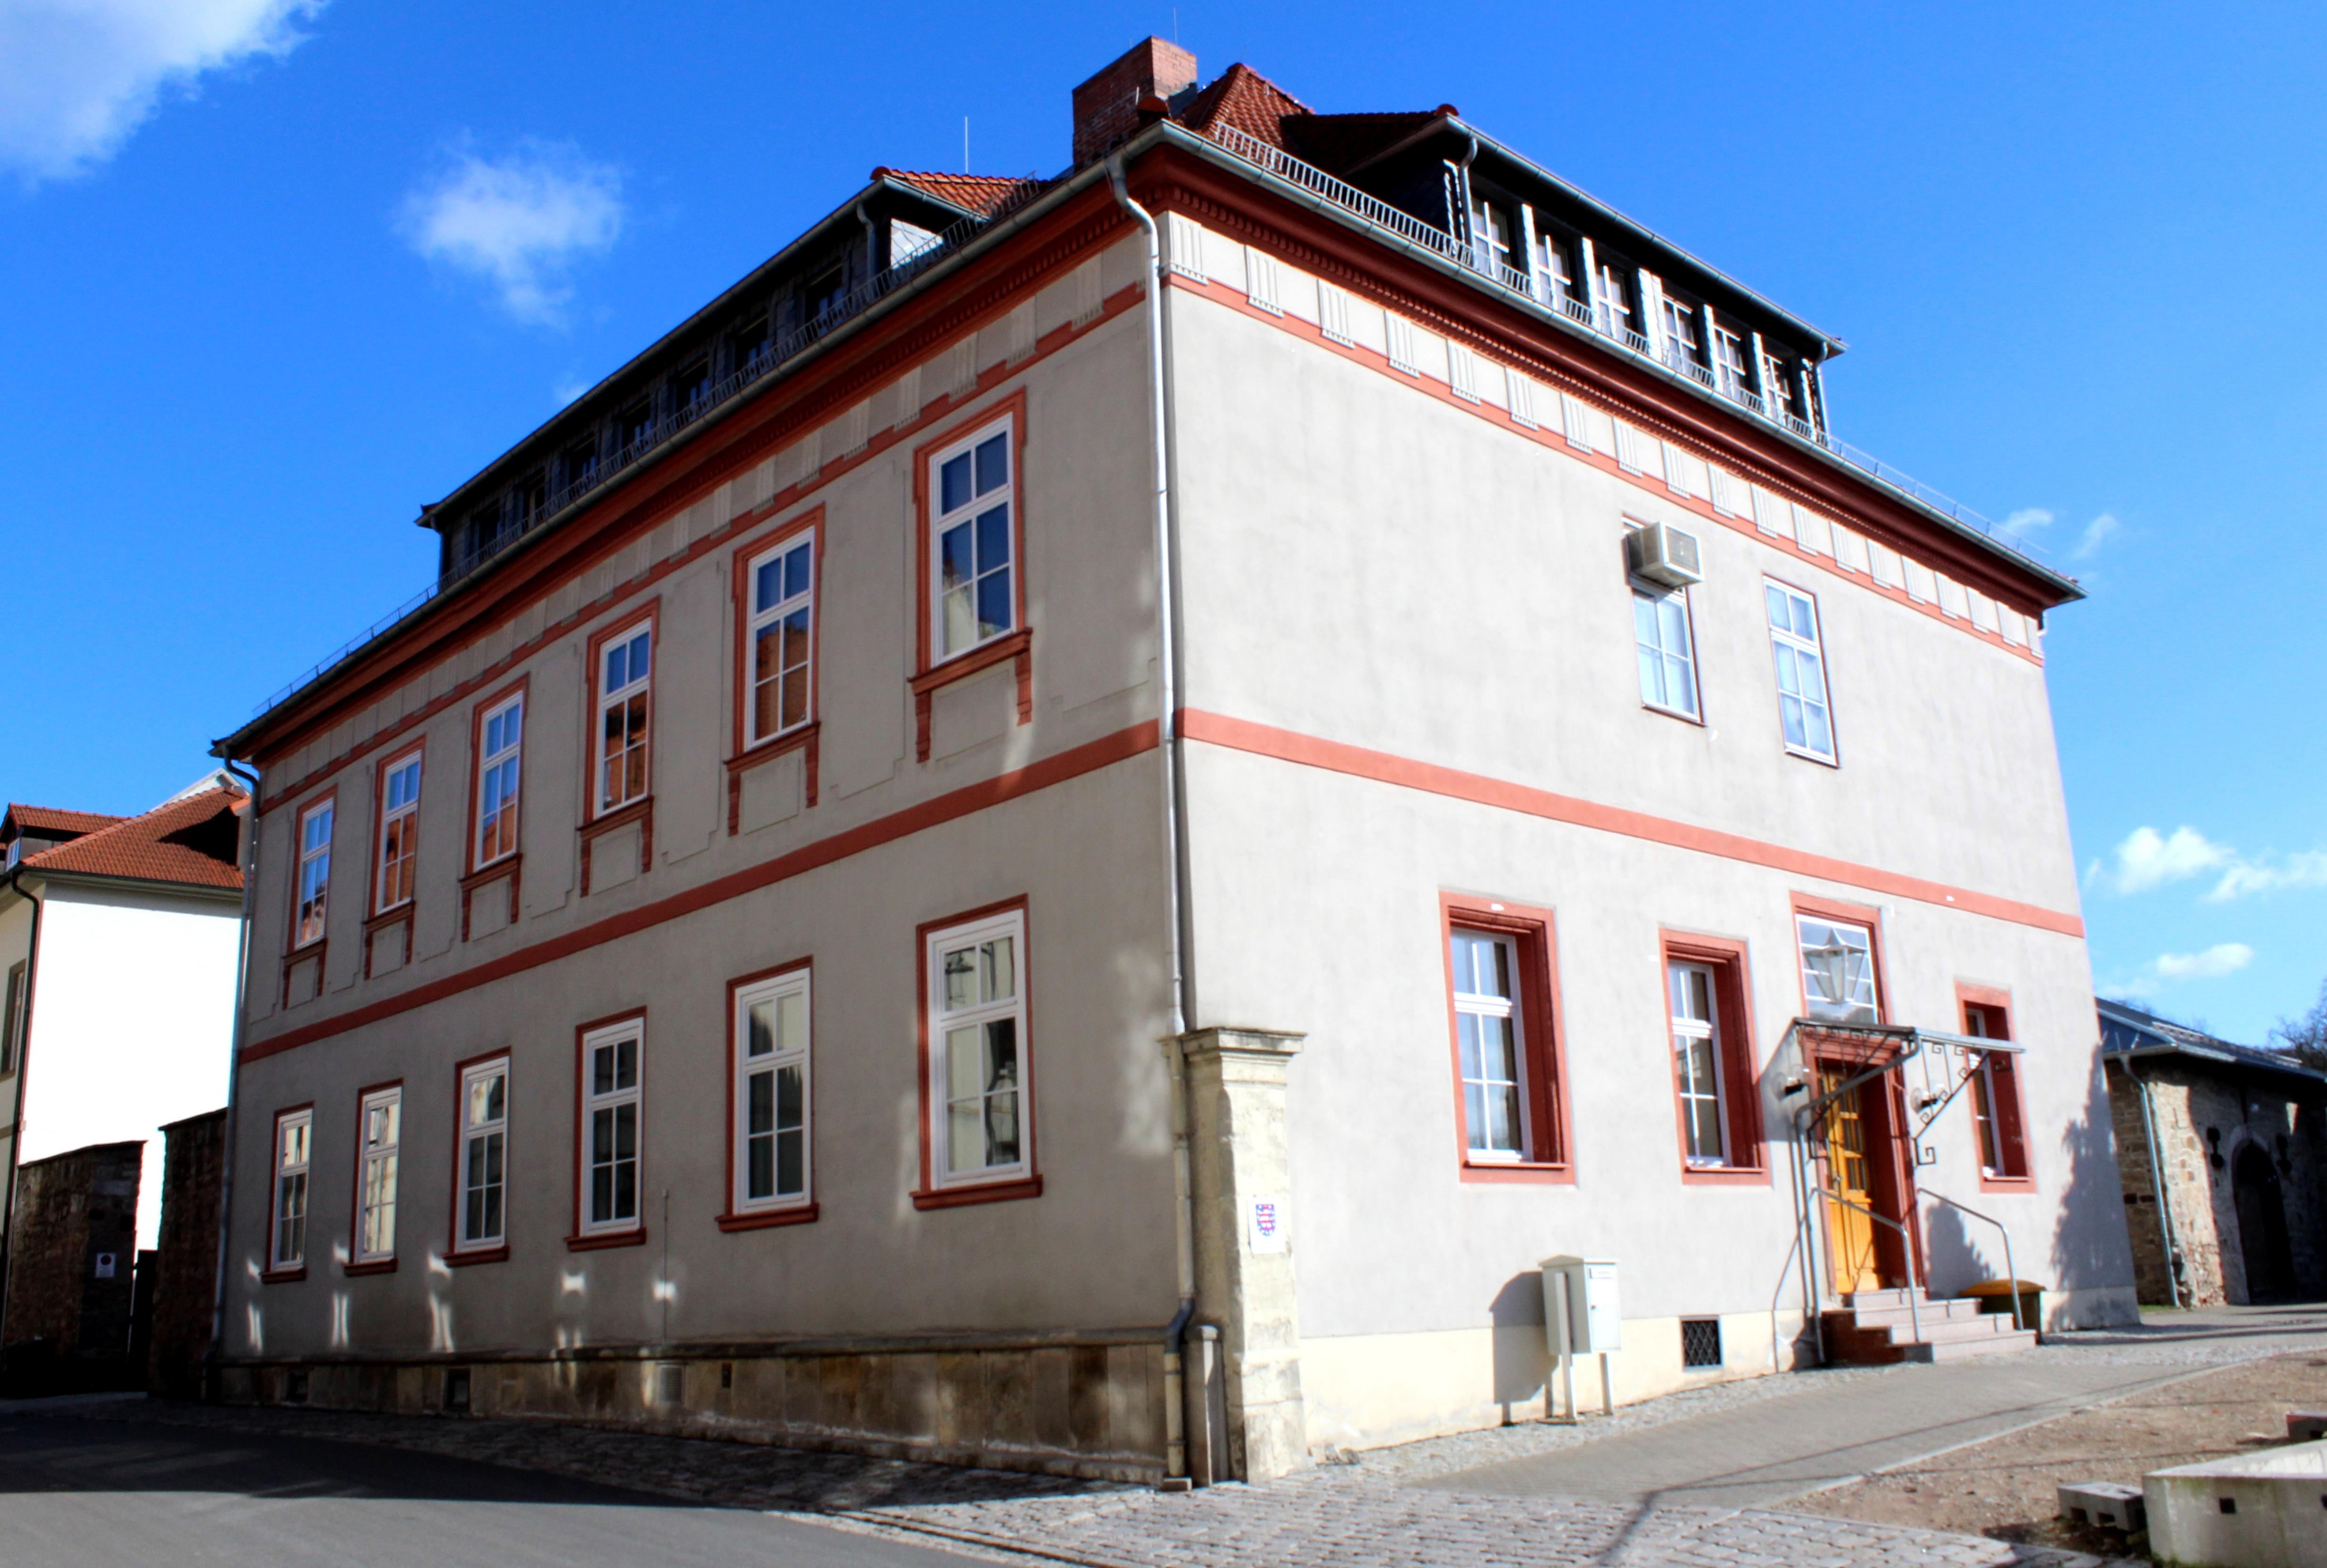 Bild: Gerichtsgebäude des Amtsgerichts Hildburghausen